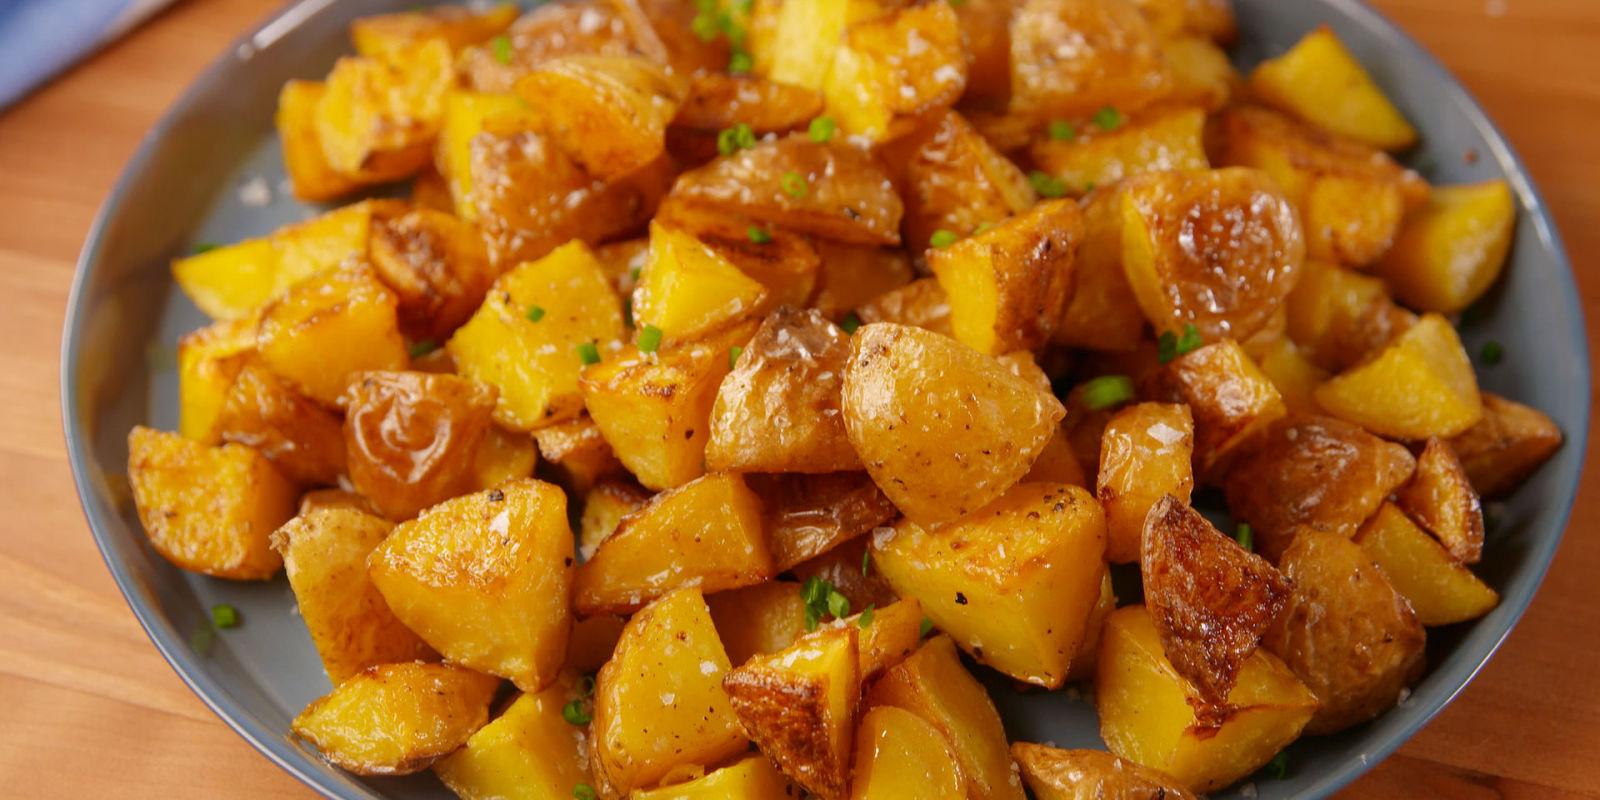 Best Salt Amp Vinegar Crispy Potatoes How To Make Salt